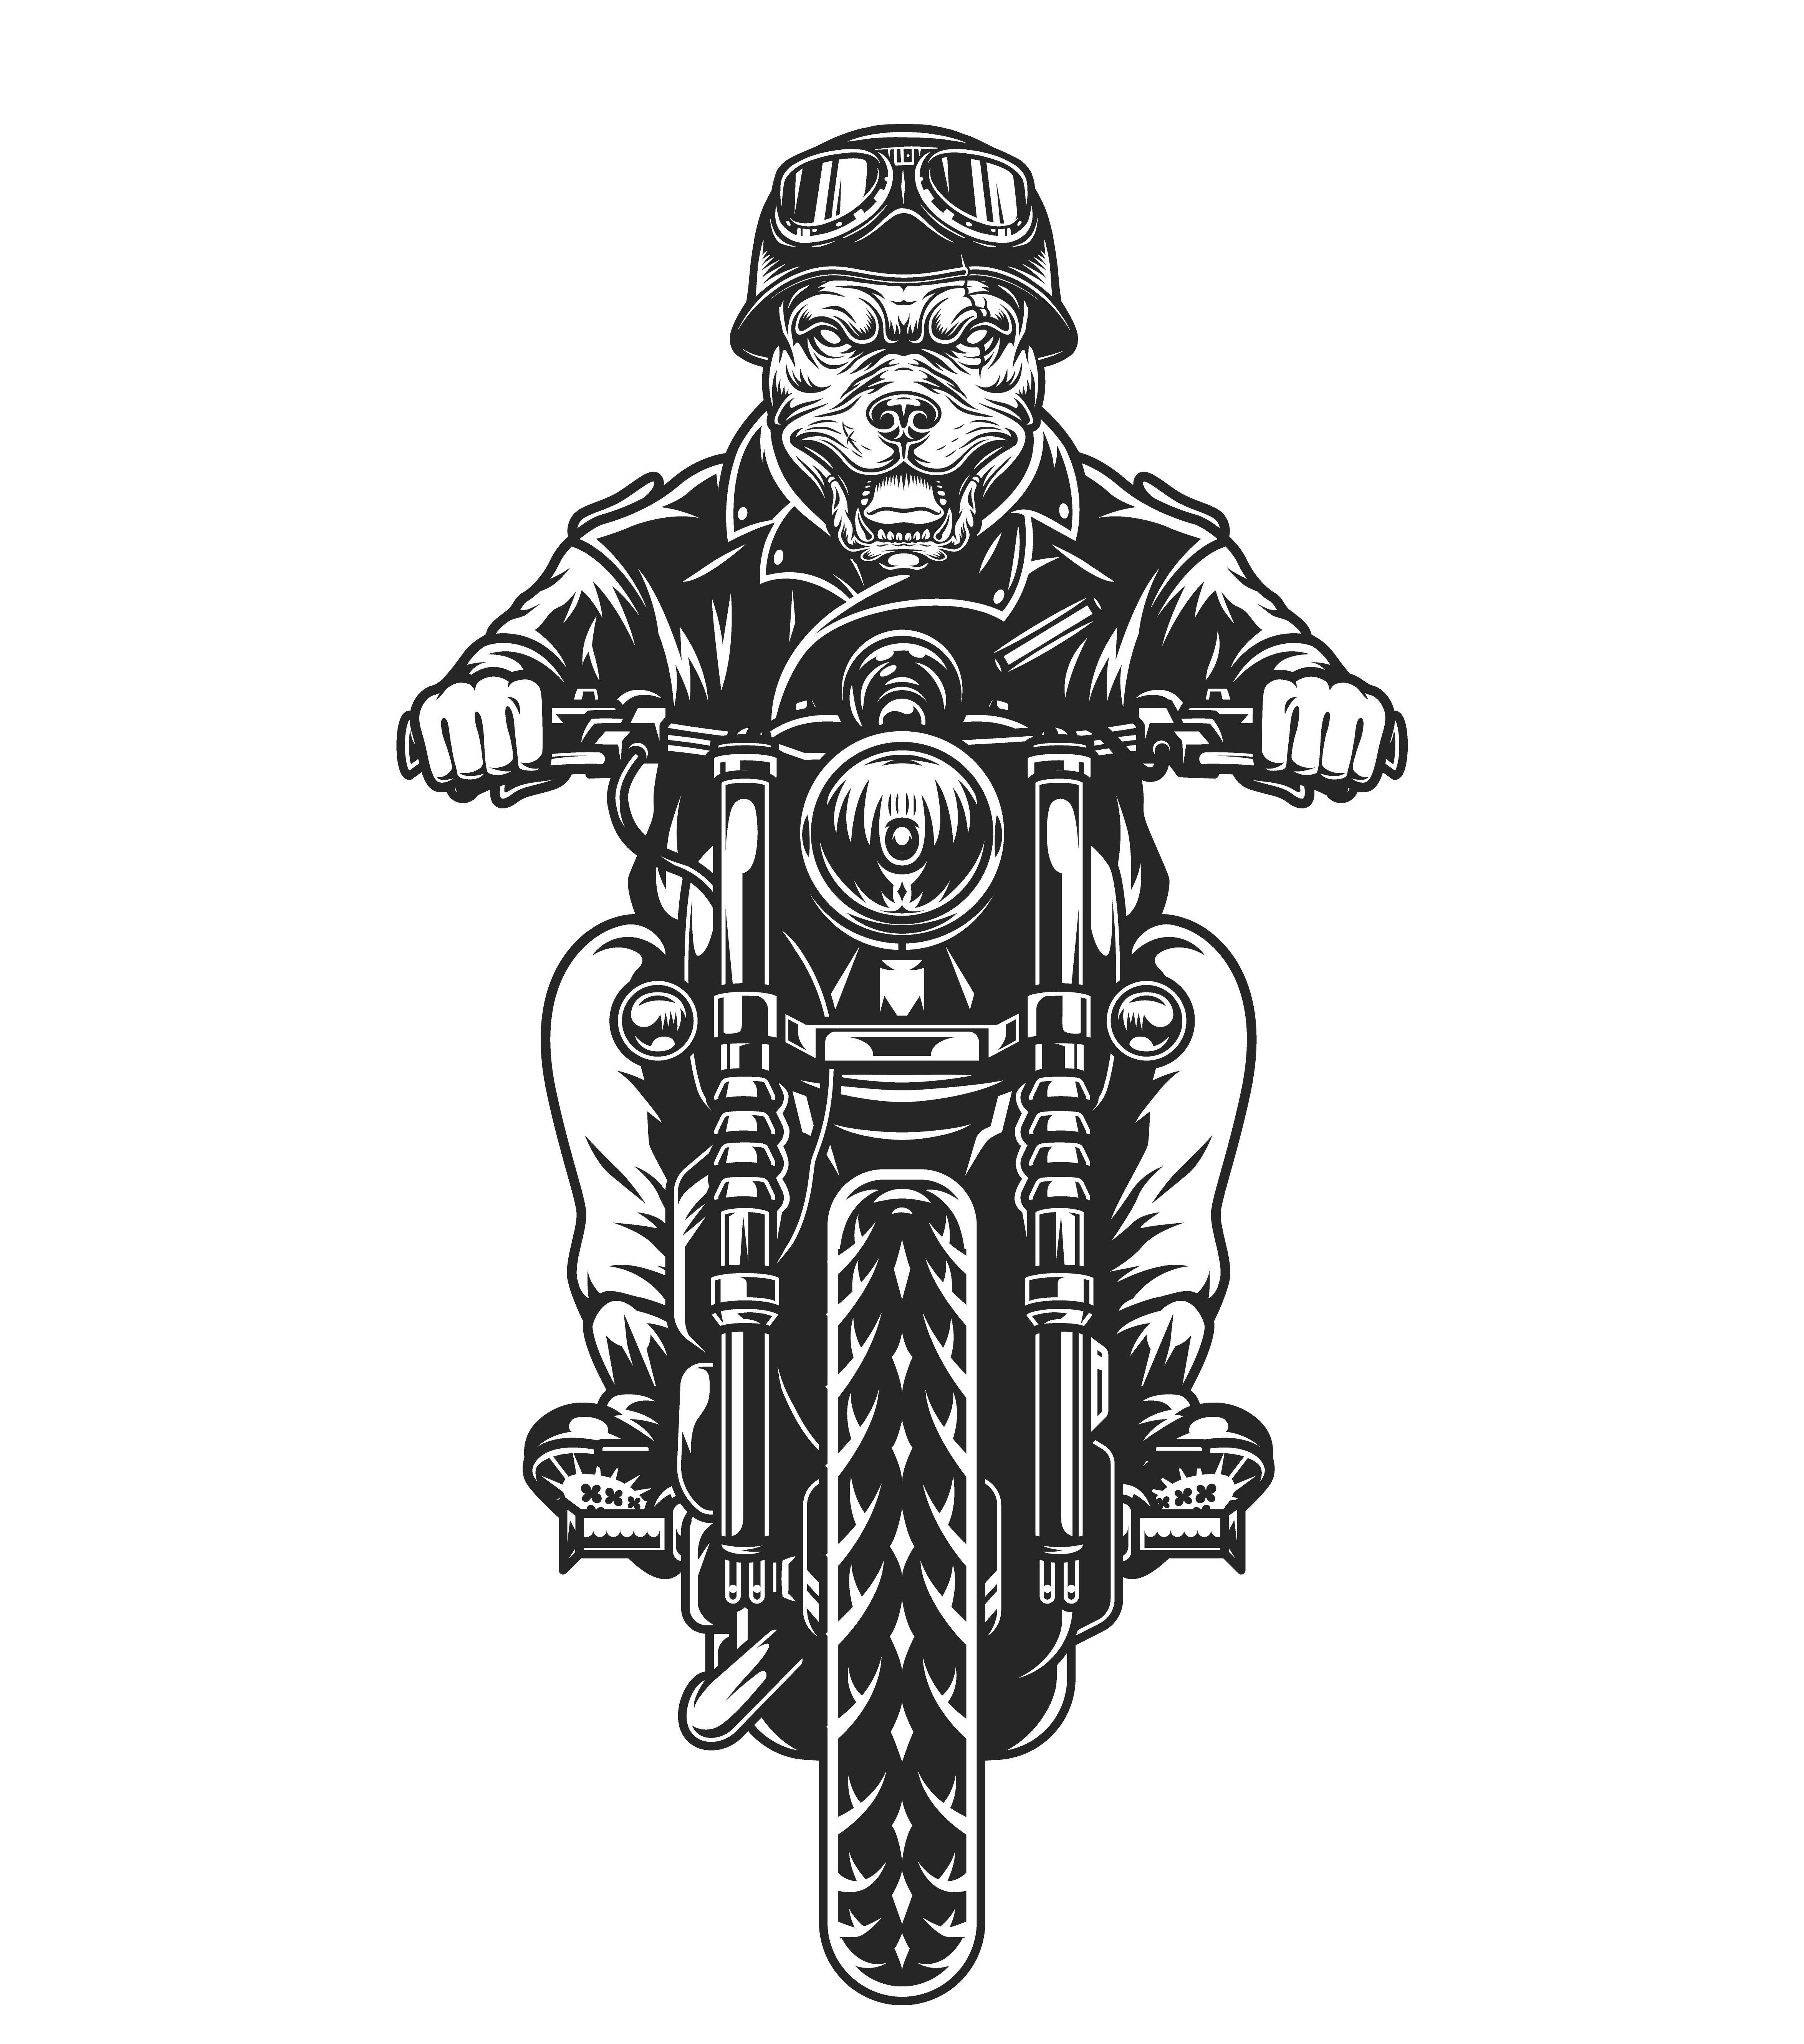 37 Vintage Custom Motorcycle Emblems Motorcycle design